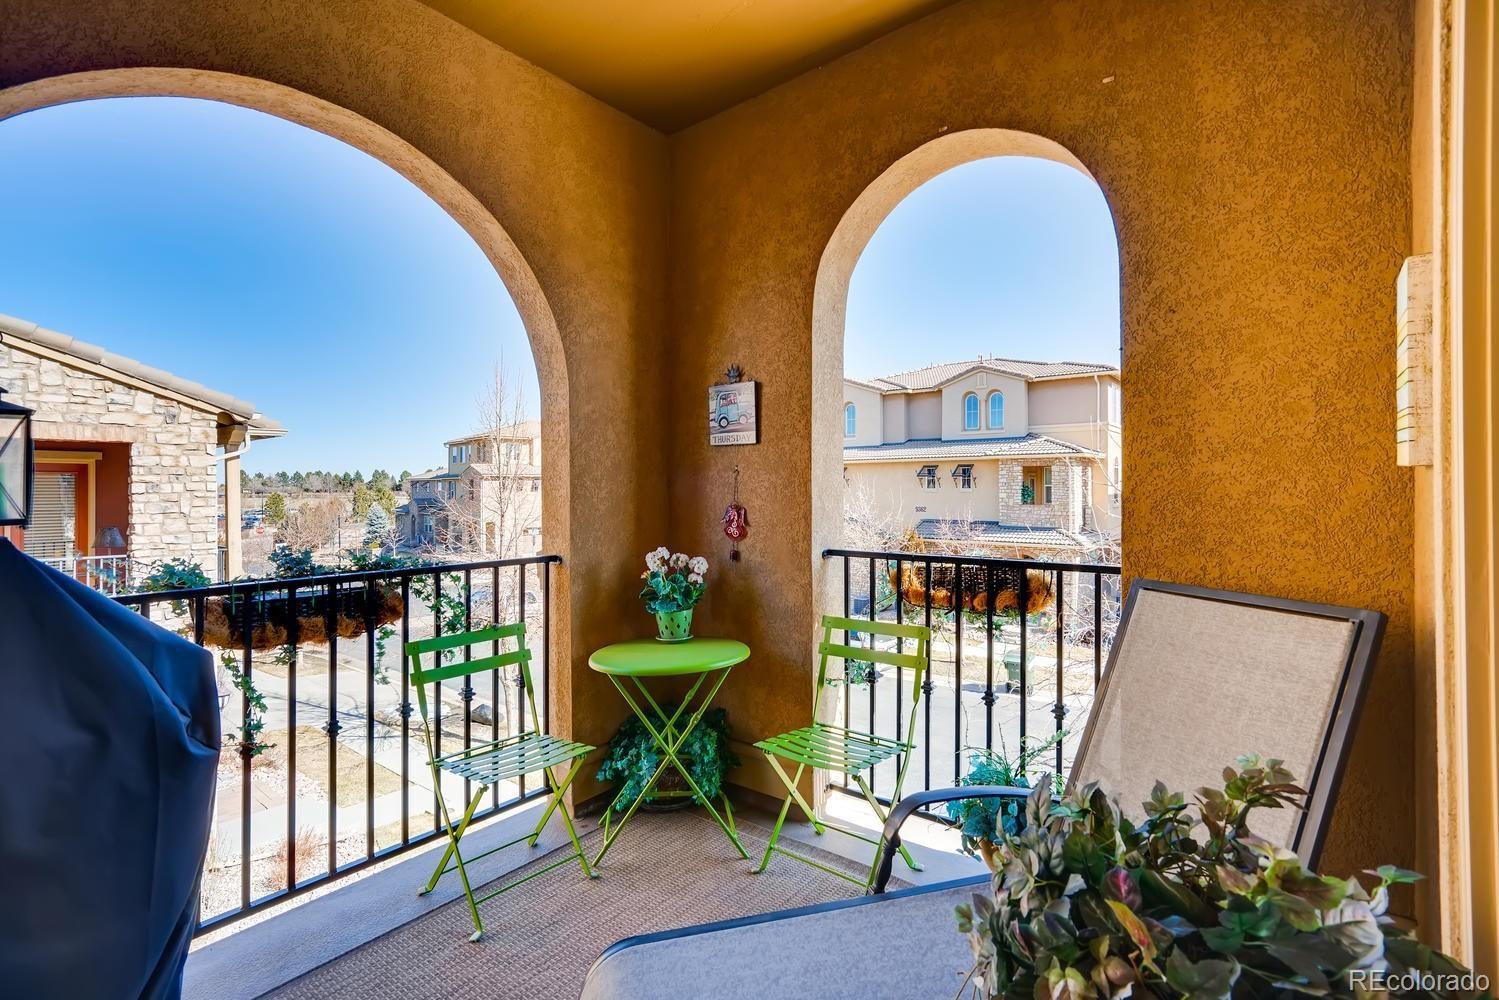 MLS# 5326326 - 26 - 9371 Loggia Street #D, Highlands Ranch, CO 80126